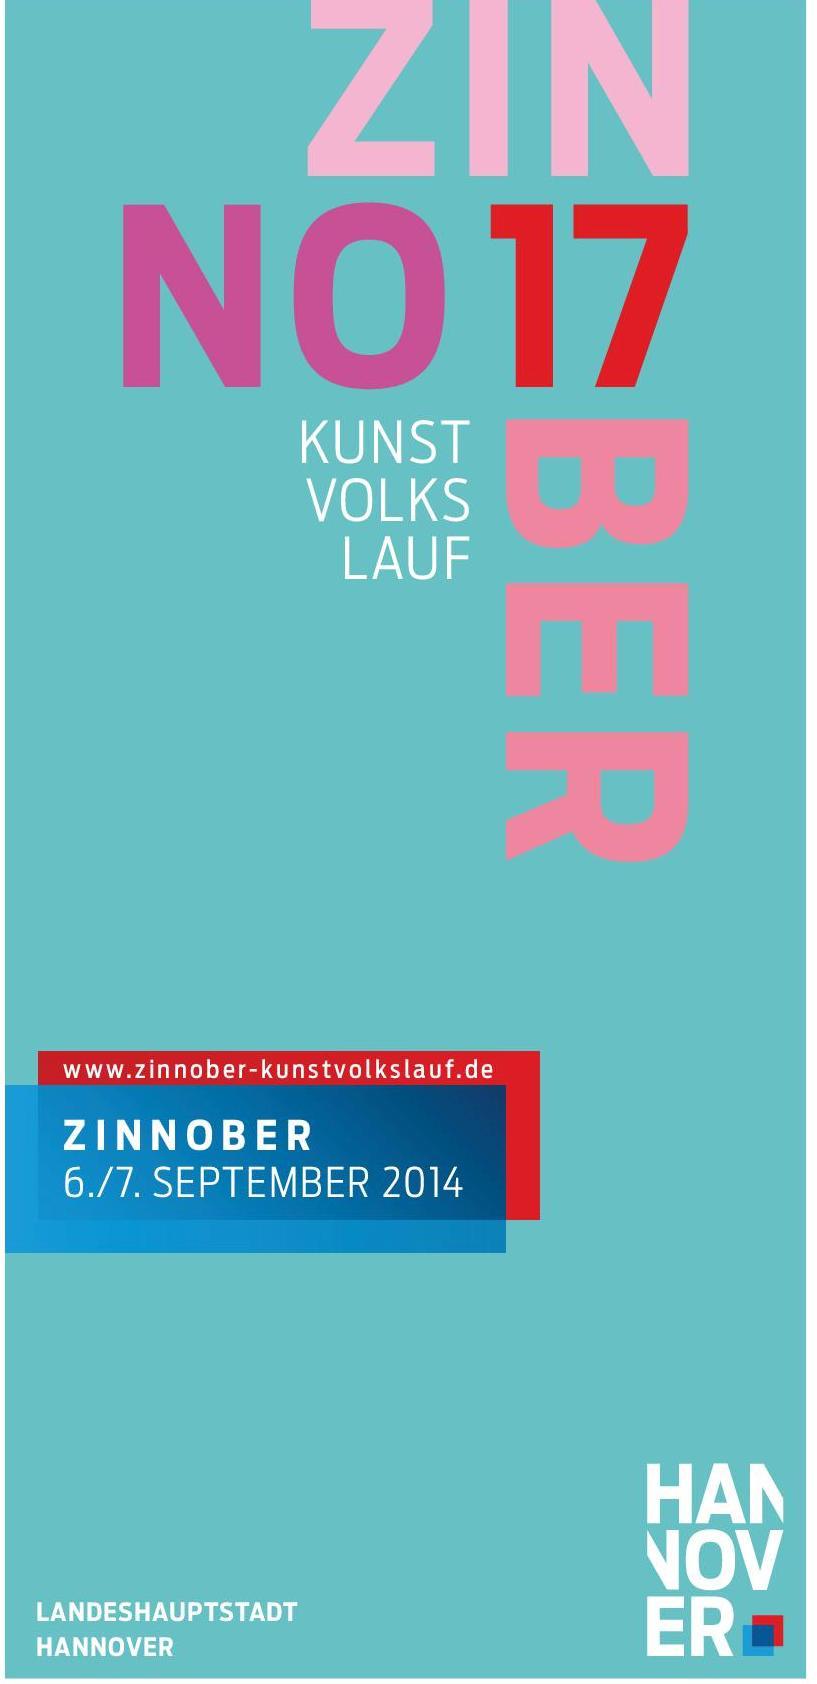 Zinnober 2014 Plakatmotiv